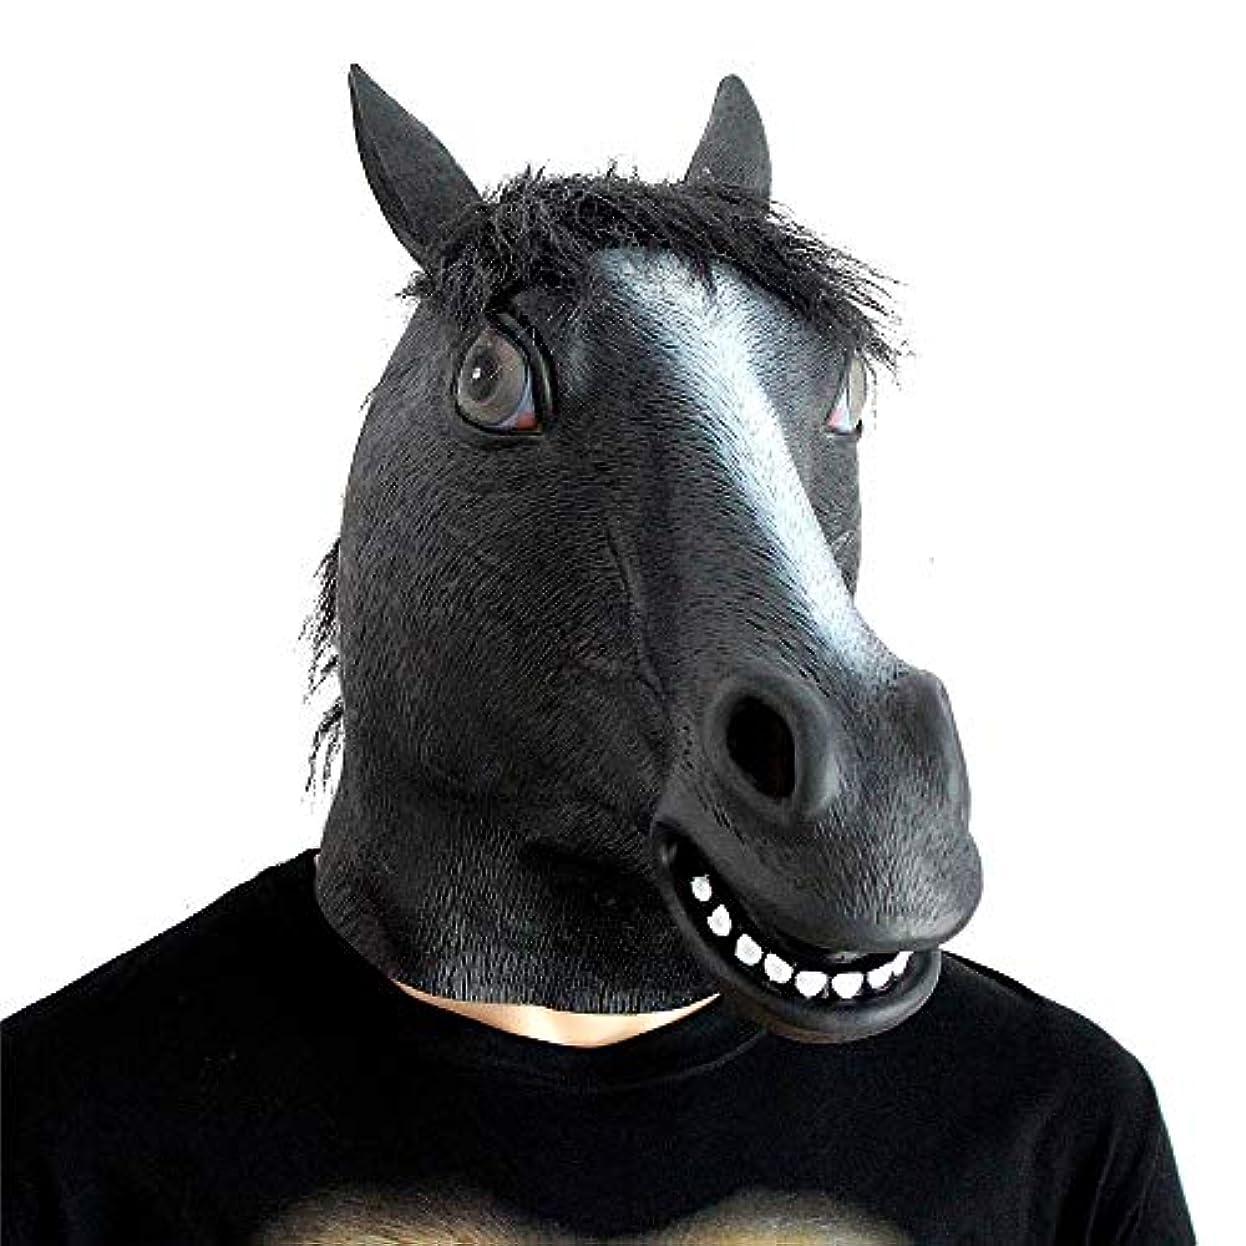 ヶ月目充電持参ハロウィーンのスタイリングの小道具ボールパーティーの馬の頭のマスクラテックスゲーム面白いパーティー用品 (Color : C)